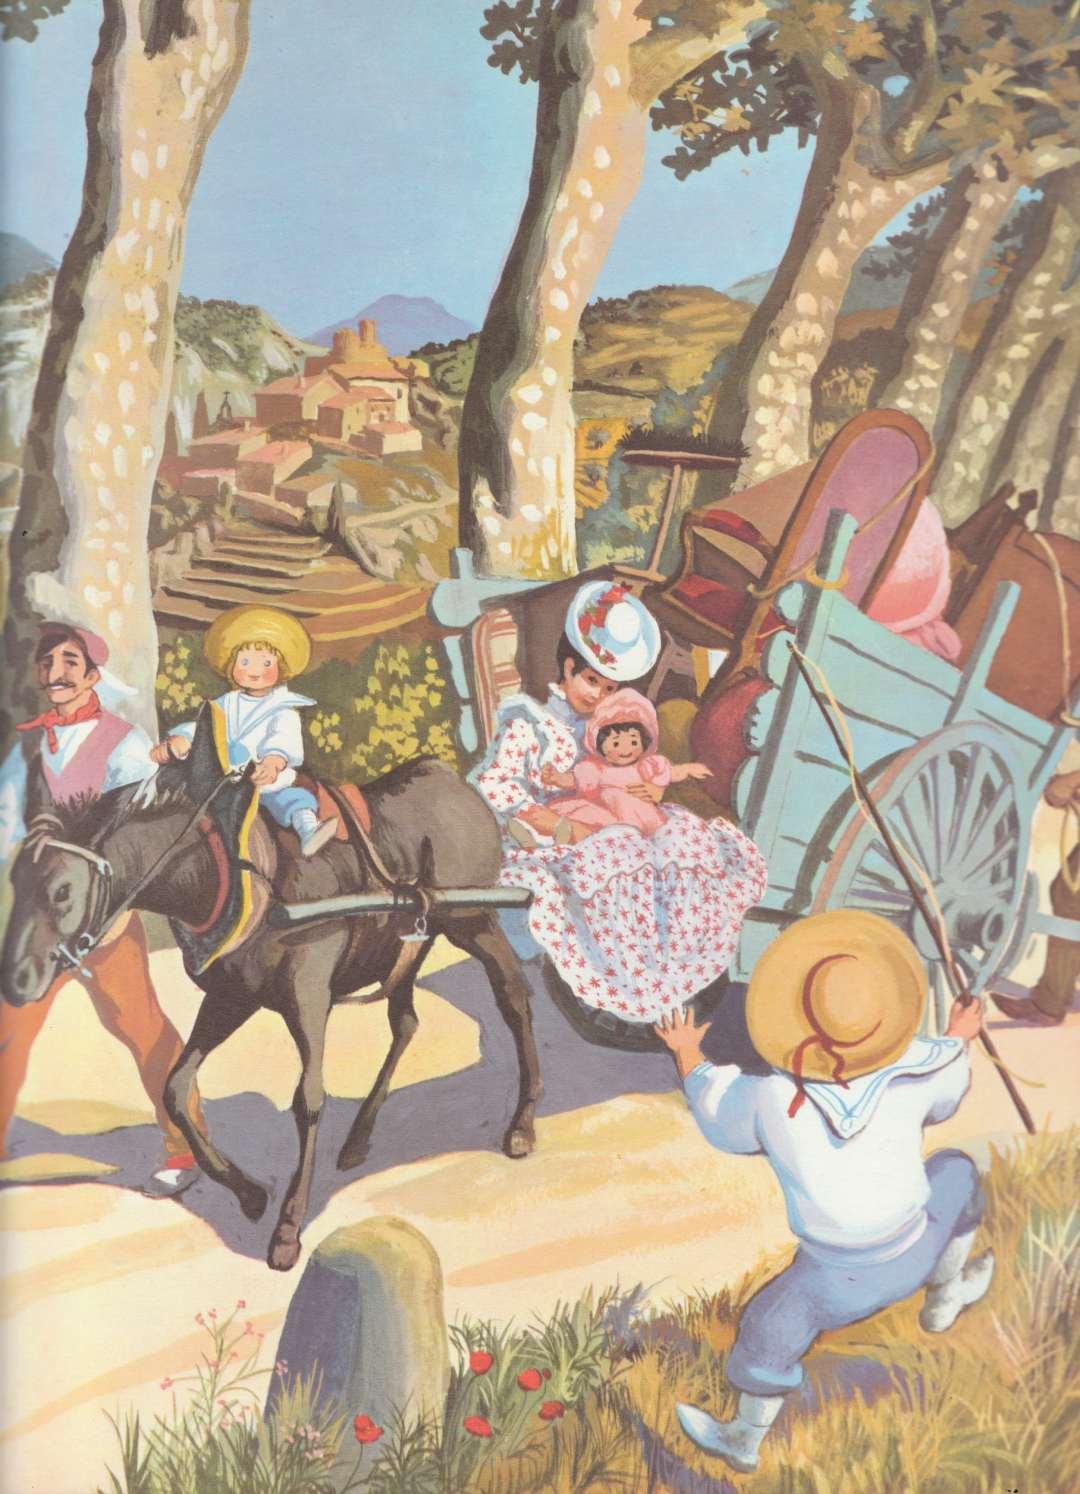 Image - Souvenirs d'Enfance de Marcel Pagnol, Marcel Pagnol, illus. Suzanne Ballivet (1962)